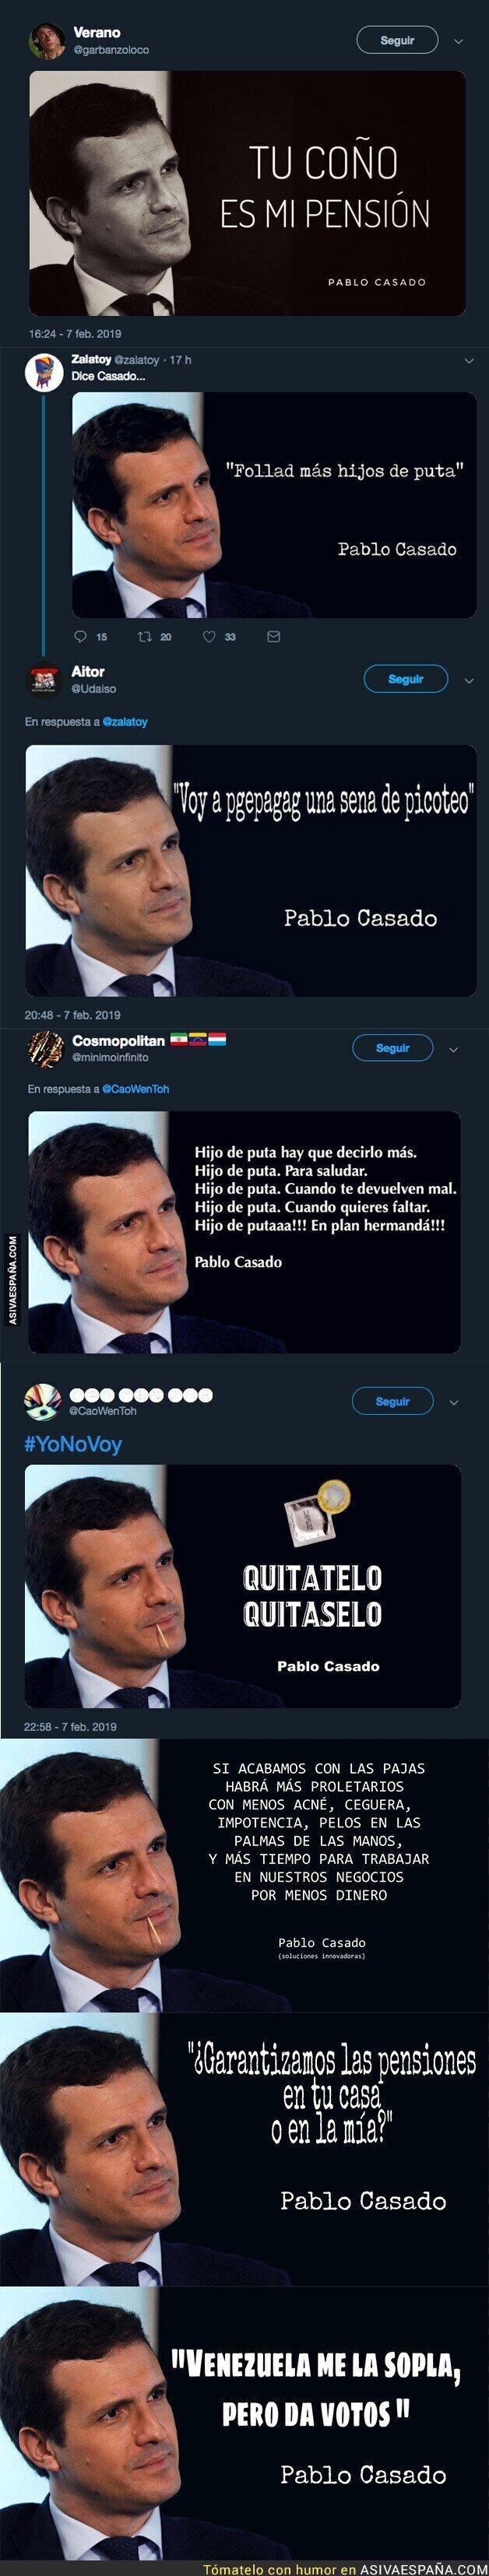 104251 - Internet se llena de citas falsas de Pablo Casado tras cargar contra la ley del aborto